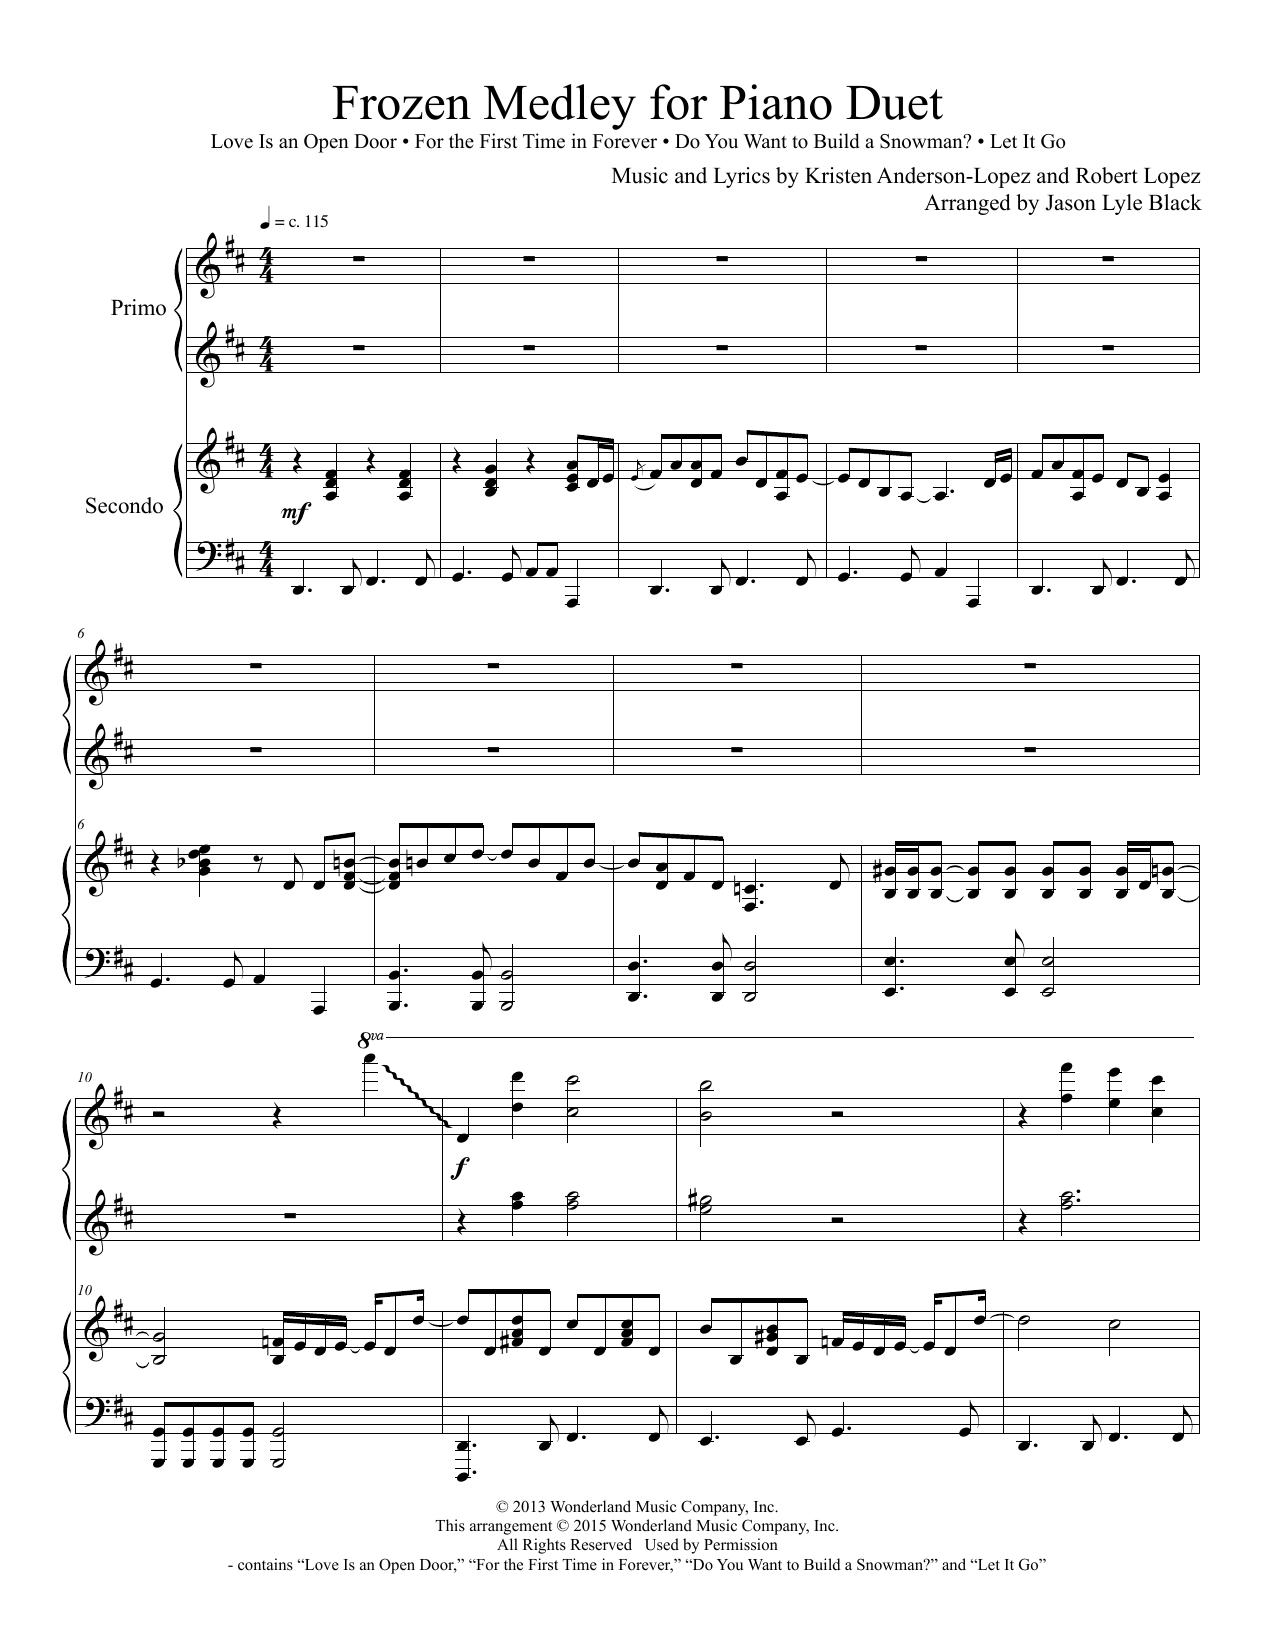 Partition piano Frozen Medley for Piano Duet de Jason Lyle Black - 4 mains